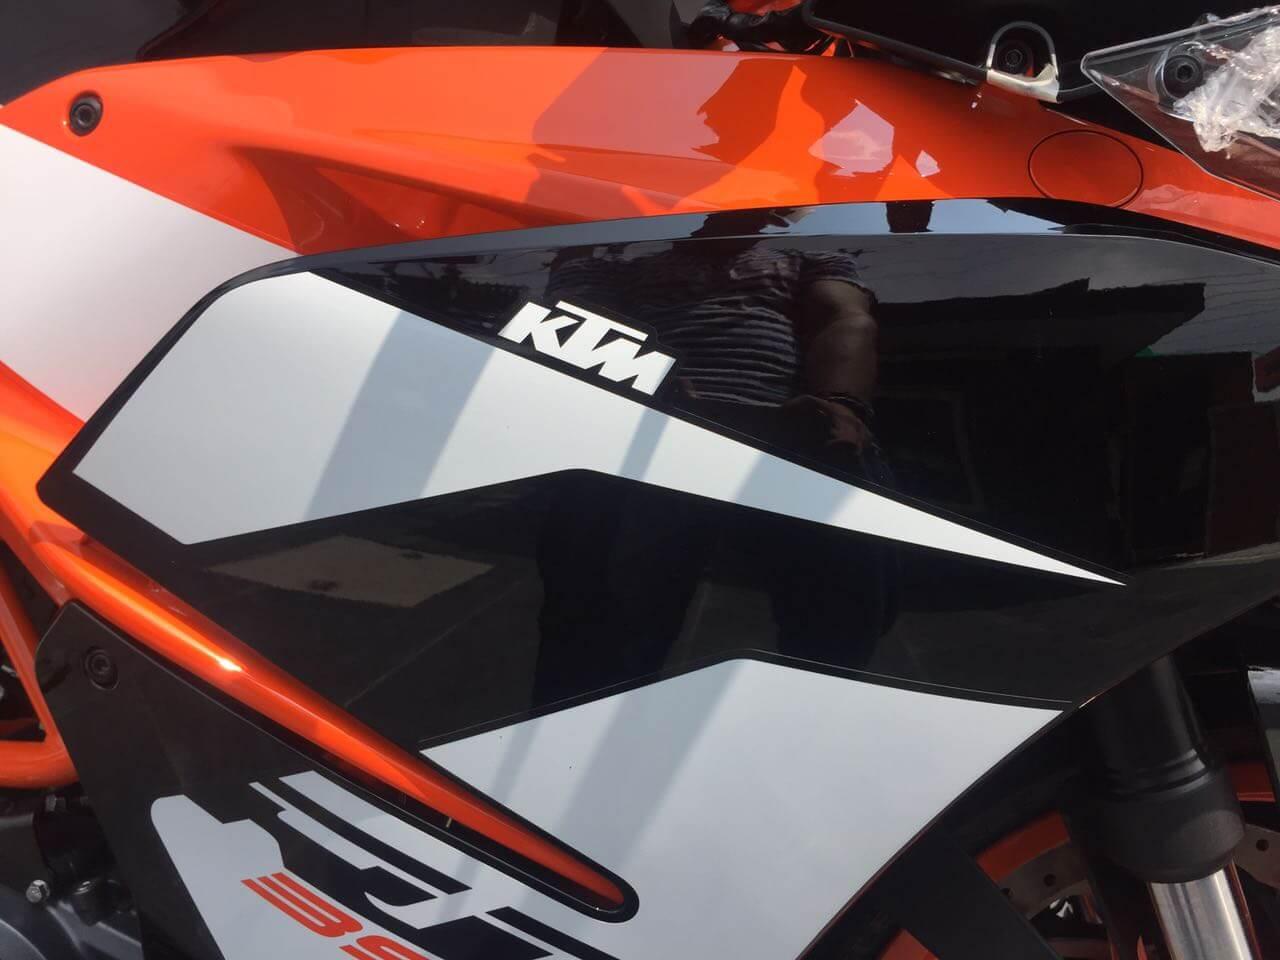 2017 Ktm Rc 390 Design Orange White Colours Logo Motorbikes India